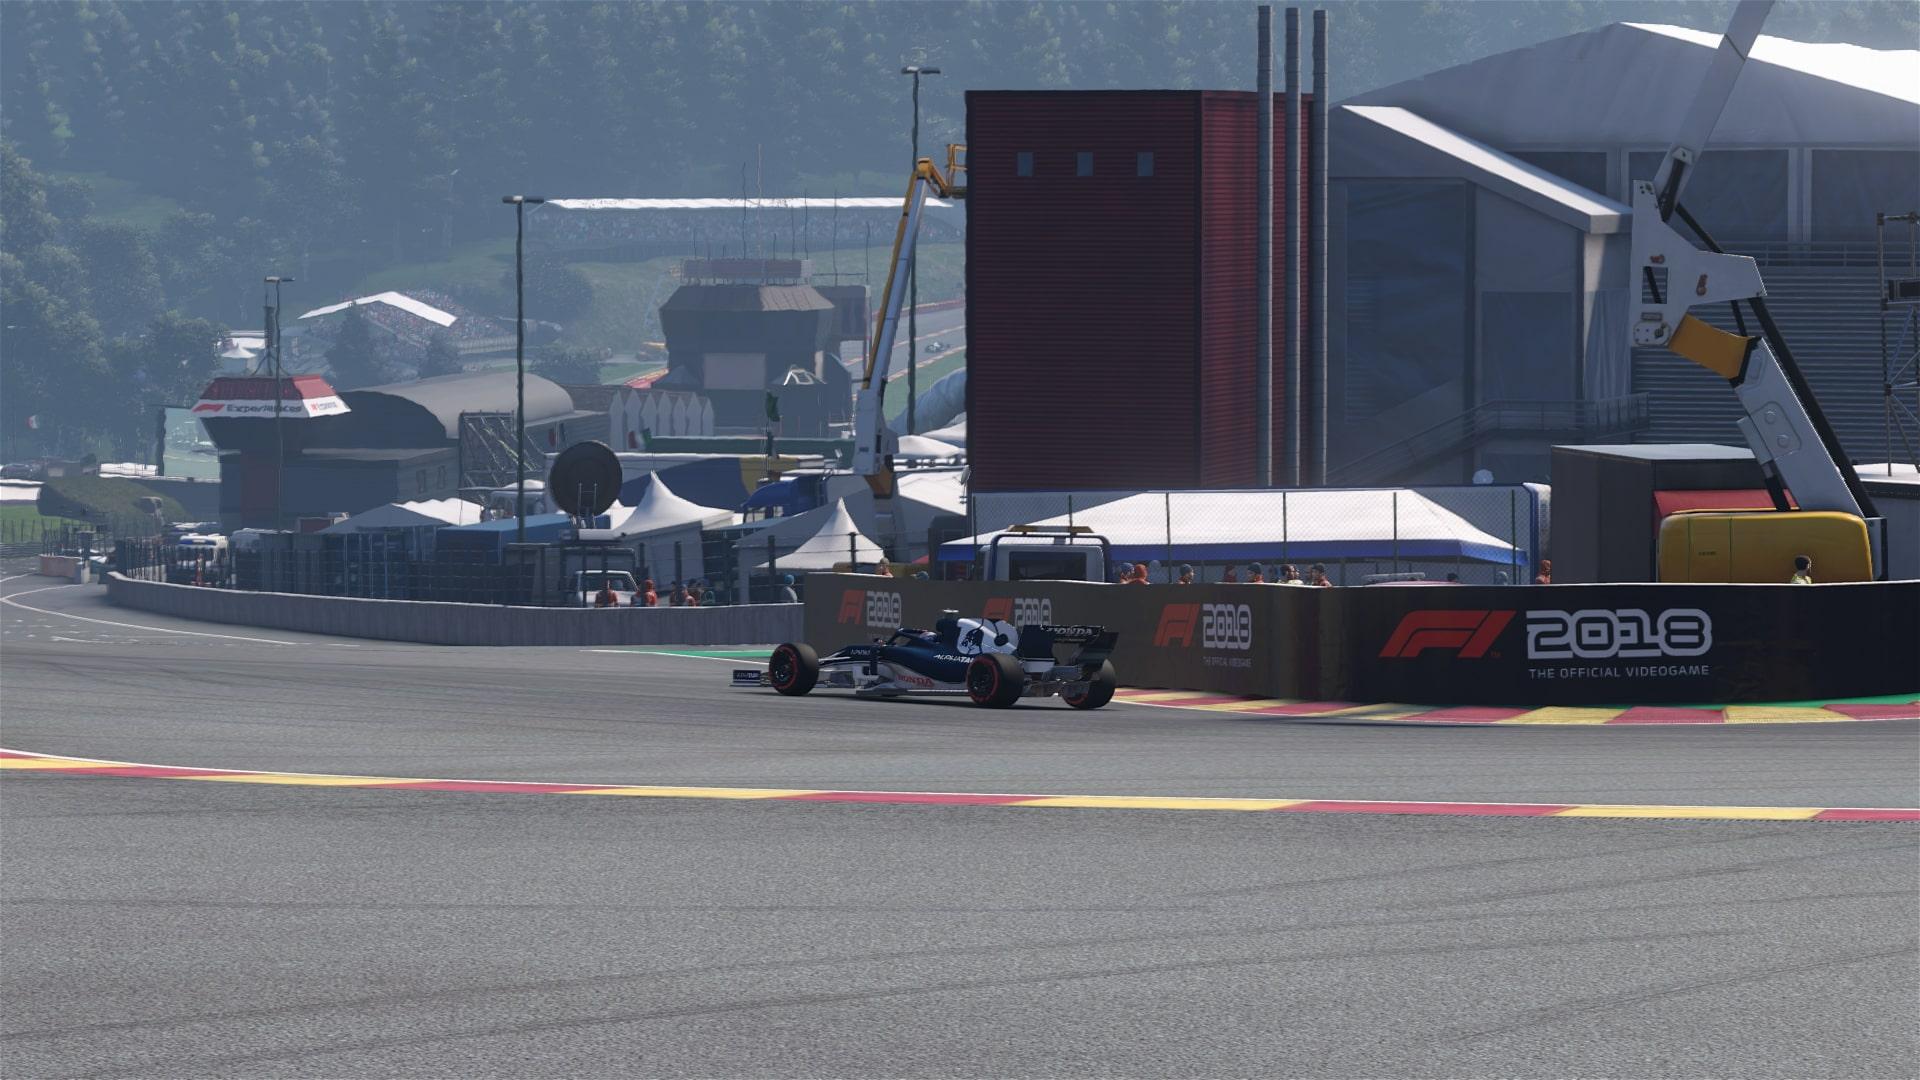 F1 2018 Screenshot 2021.04.10 - 21.06.43.17.jpg